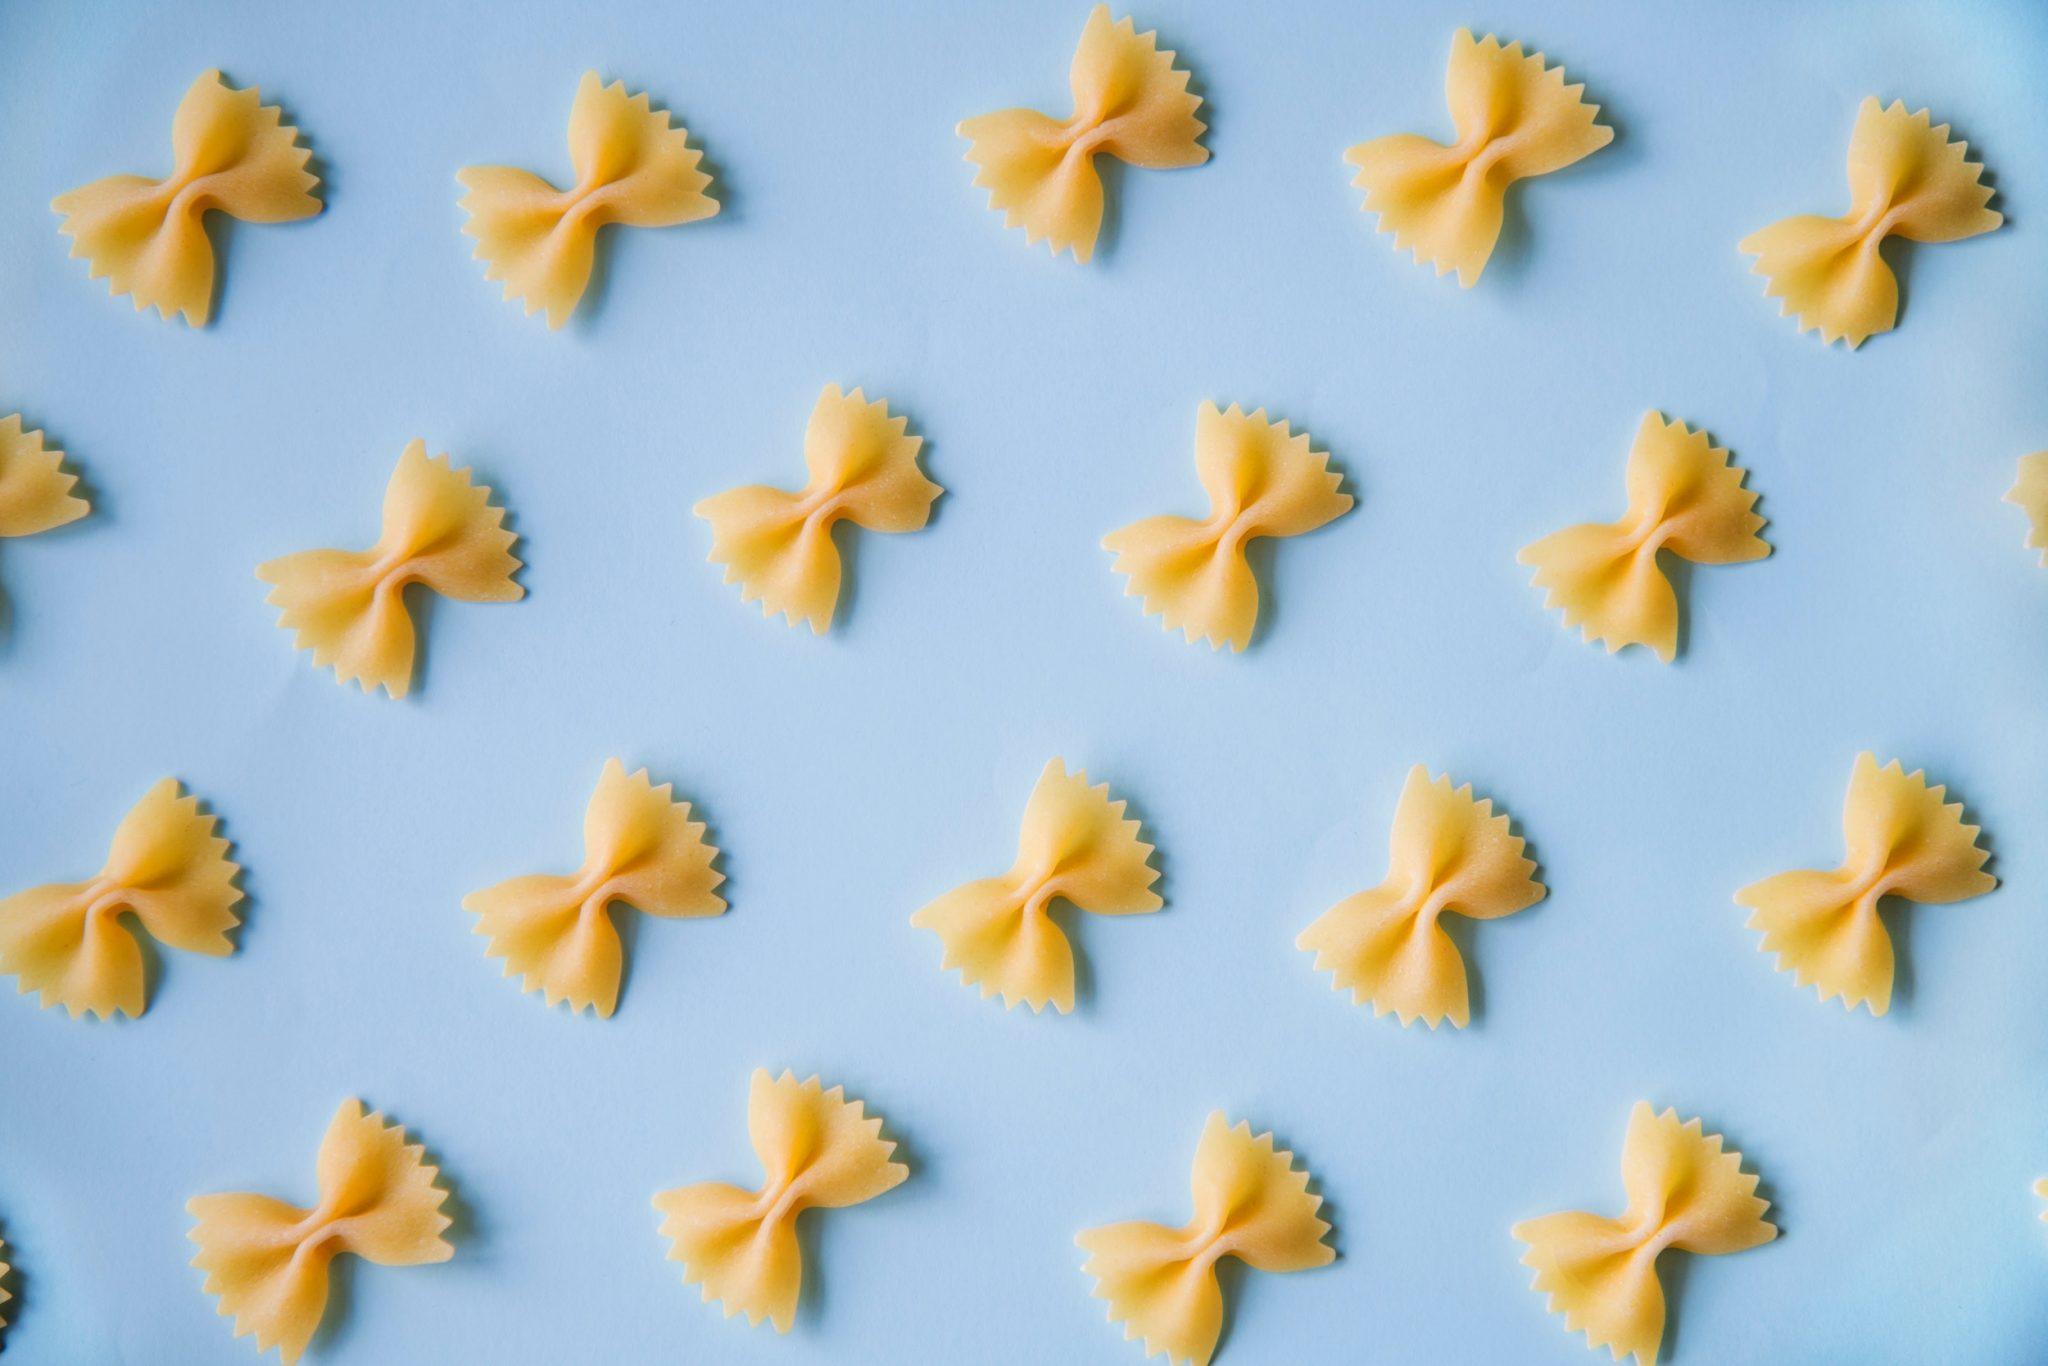 Farfalle (pasta) su sfondo azzurro cielo: simbolo della fuga dei cervelli italiani